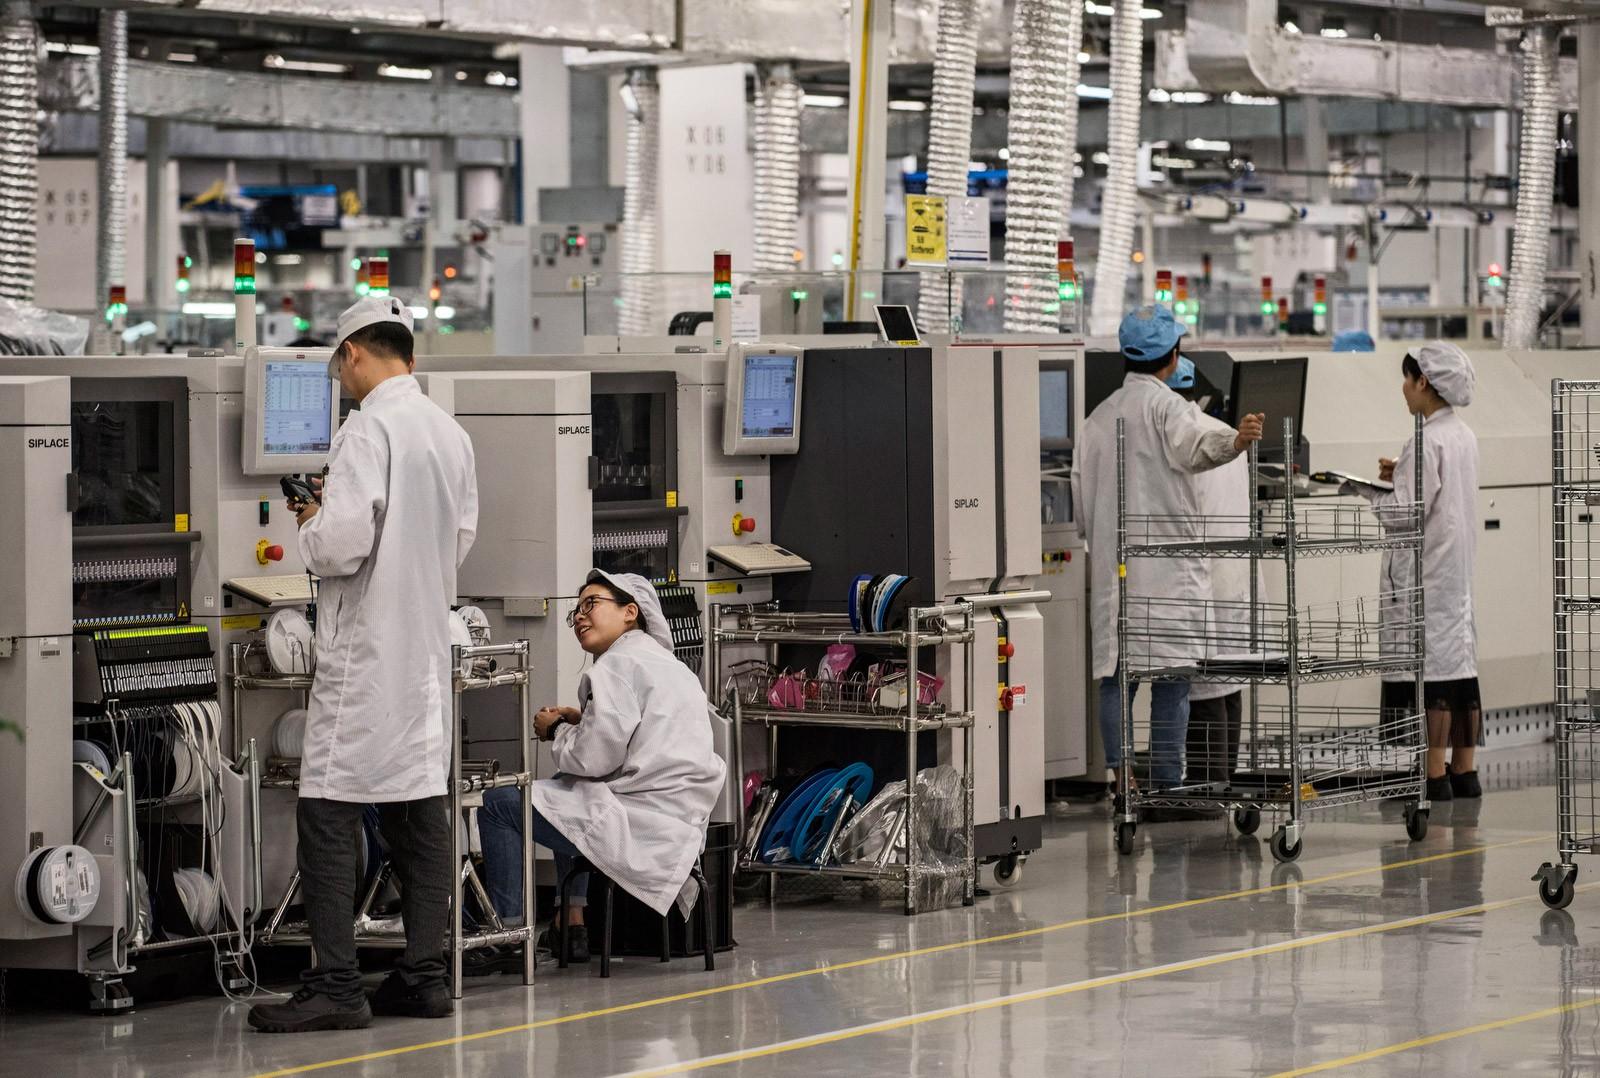 Bên trong Huawei: Đế chế công nghệ bí ẩn của thế giới nhưng là niềm mơ ước của người lao động Trung Quốc - Ảnh 3.